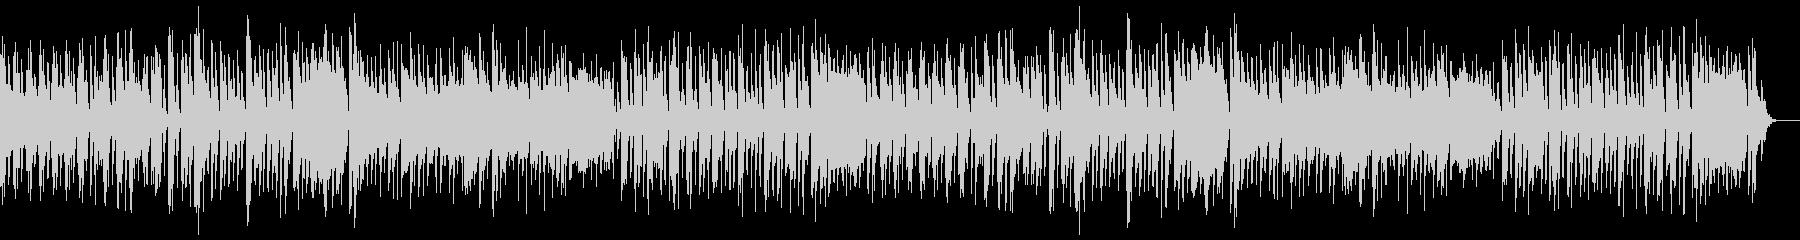 ほのぼの オーケストラ調のポップな曲の未再生の波形